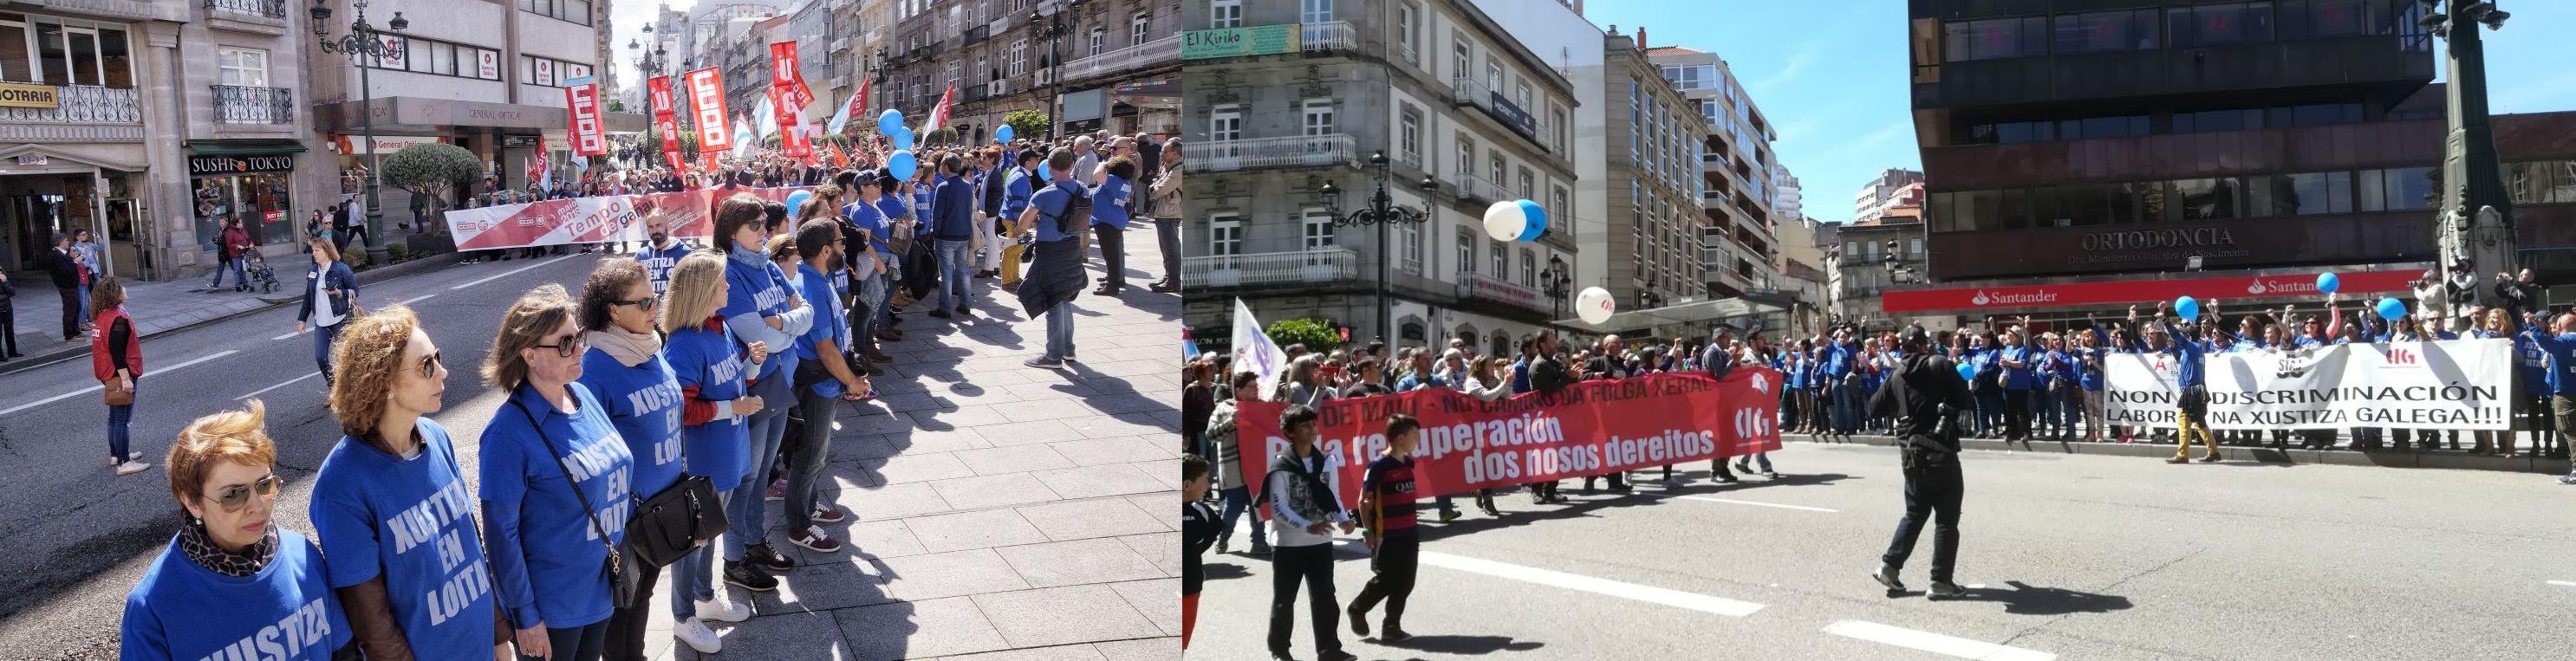 La CIG convoca huelga general para el 19 de junio en el 1º de Mayo en Vigo